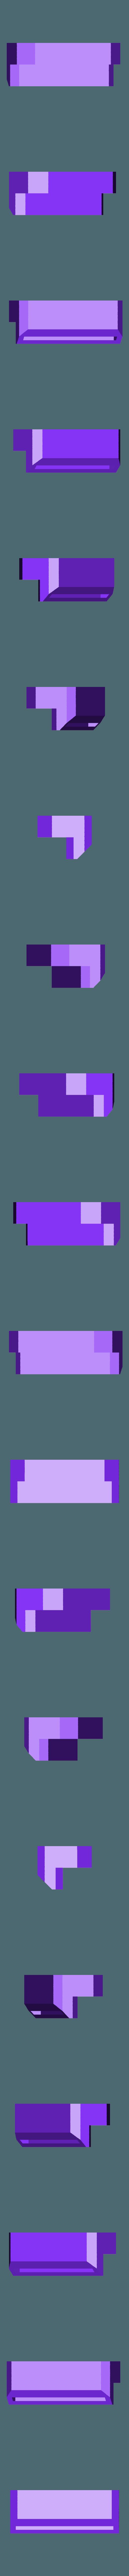 collettore_aria.stl Télécharger fichier STL gratuit Effecteur delta avec joints magnétiques et ventilateurs • Modèle imprimable en 3D, volpiclaudio